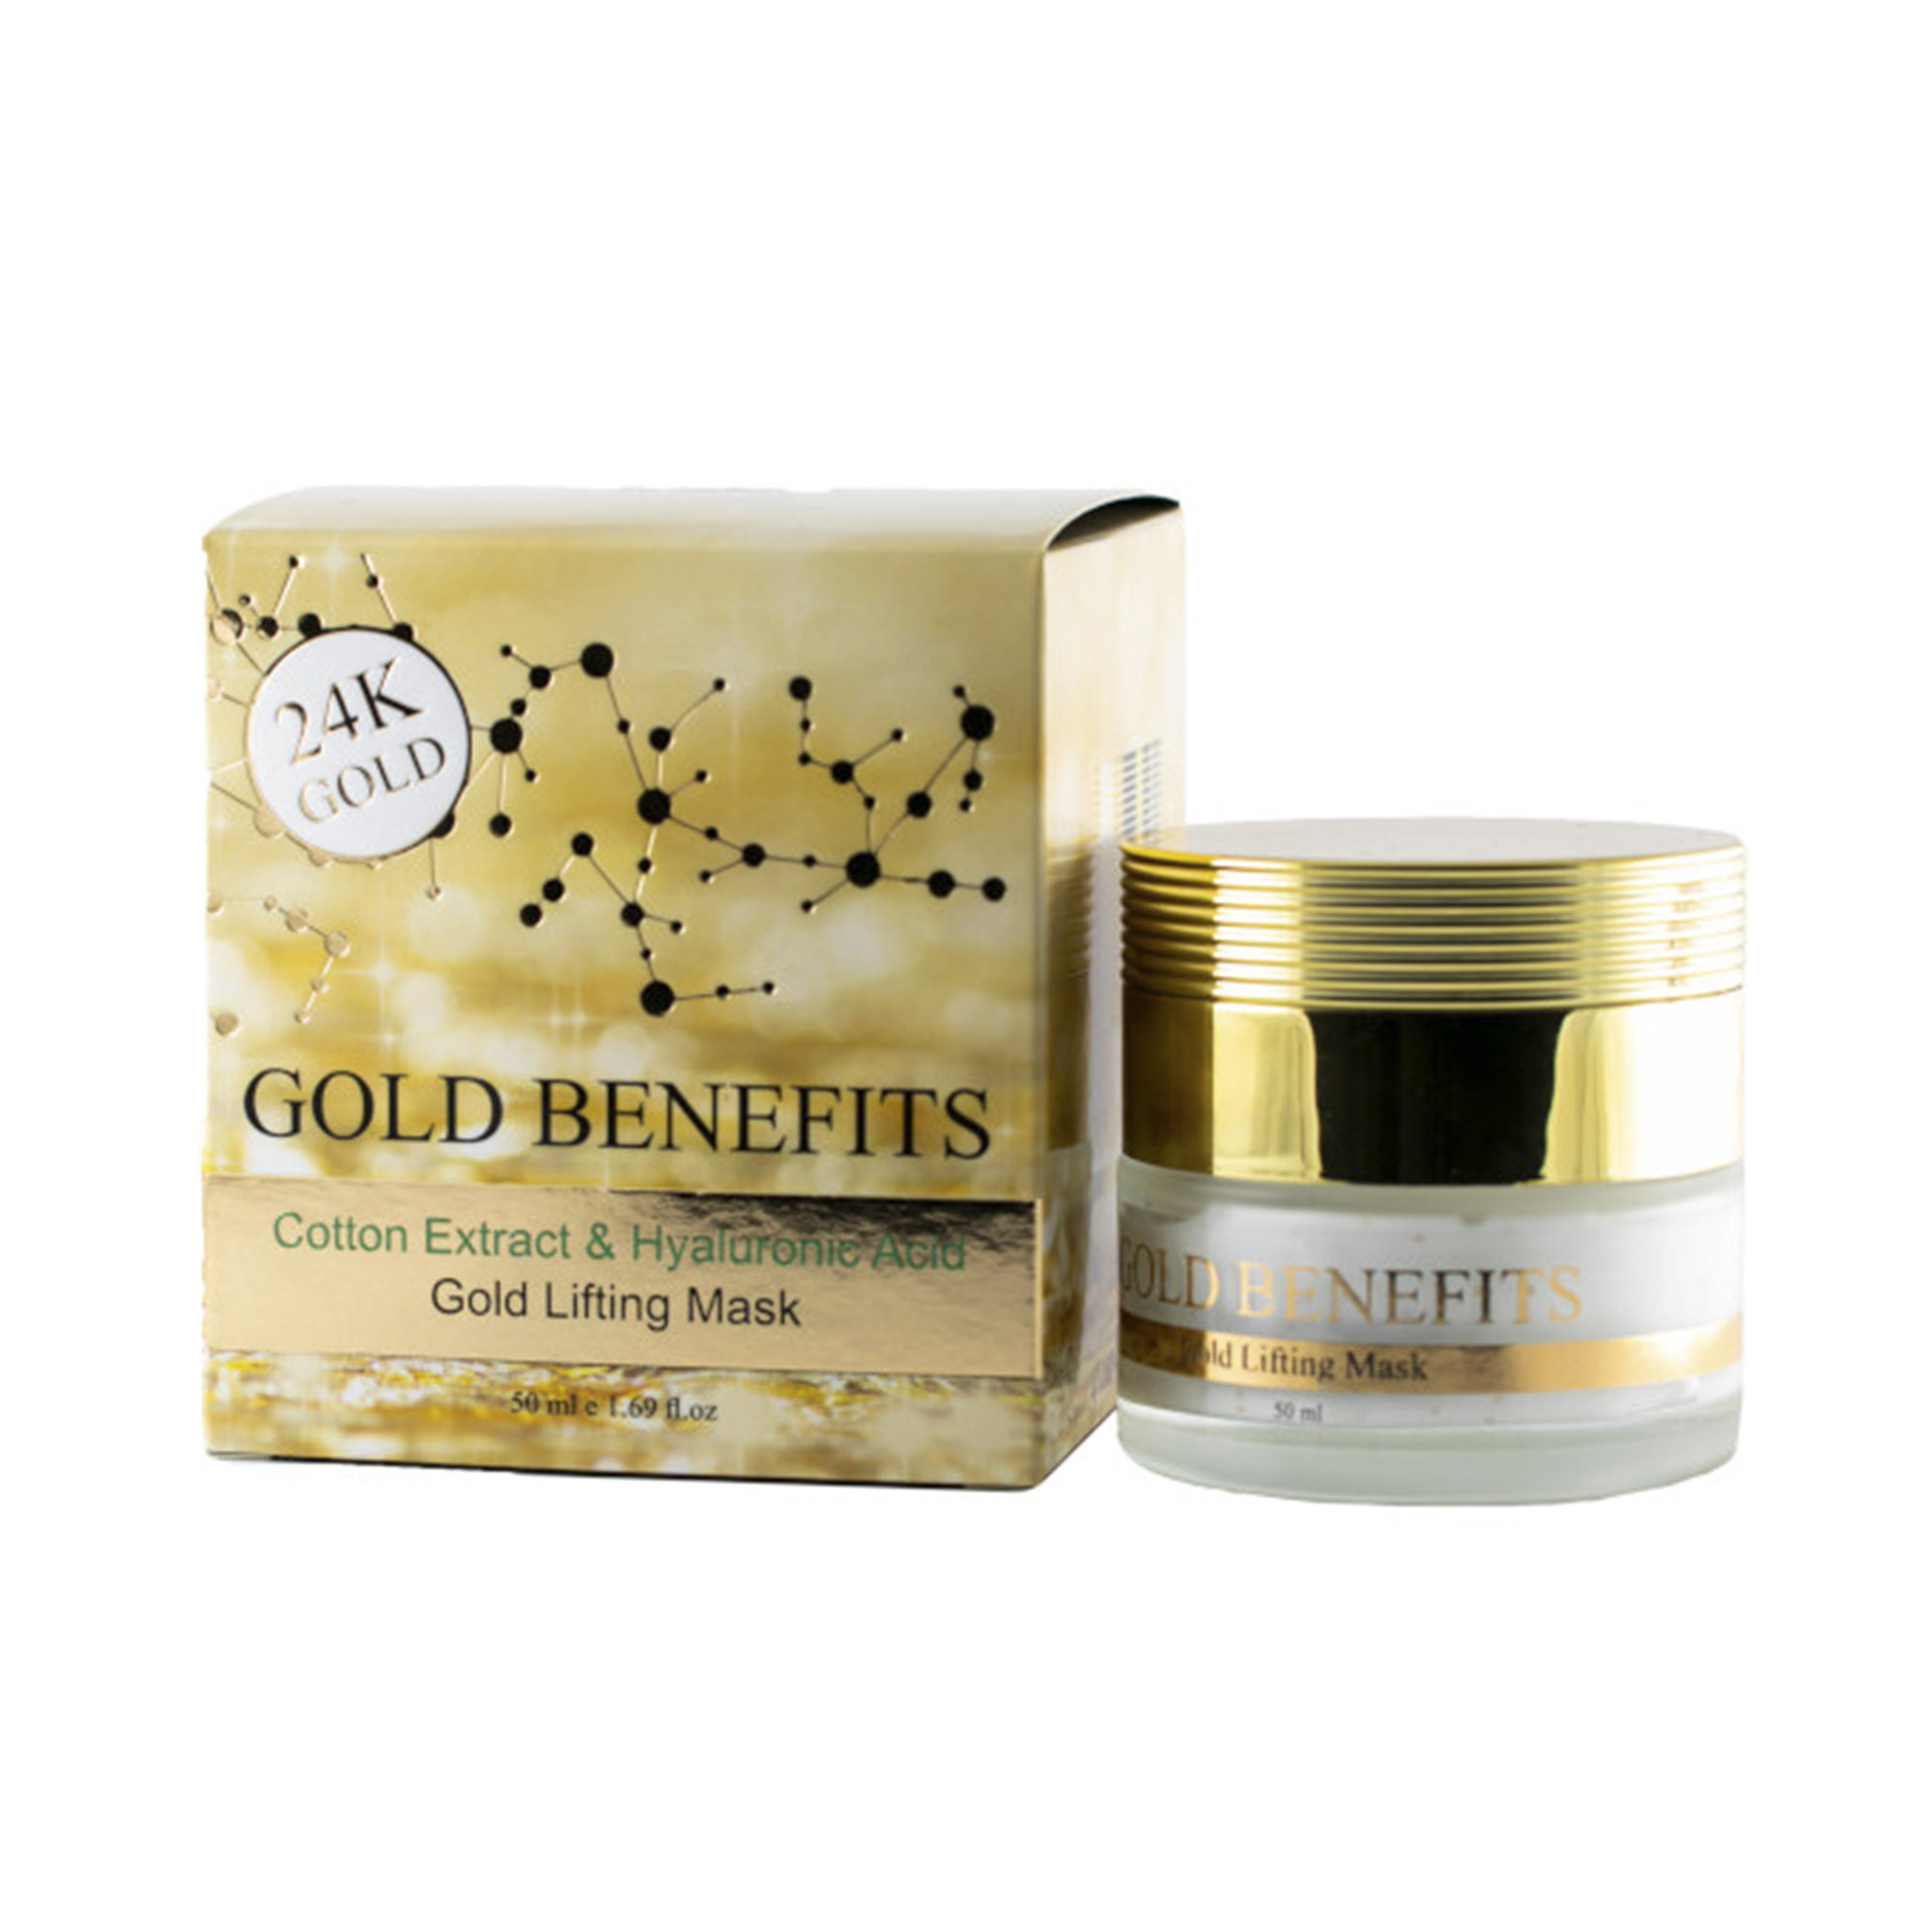 Лифтинг-маска для лица Gold Benefits с гиалуроновой кислотой и экстрактом хлопка dead sea cosmetics 50 мл